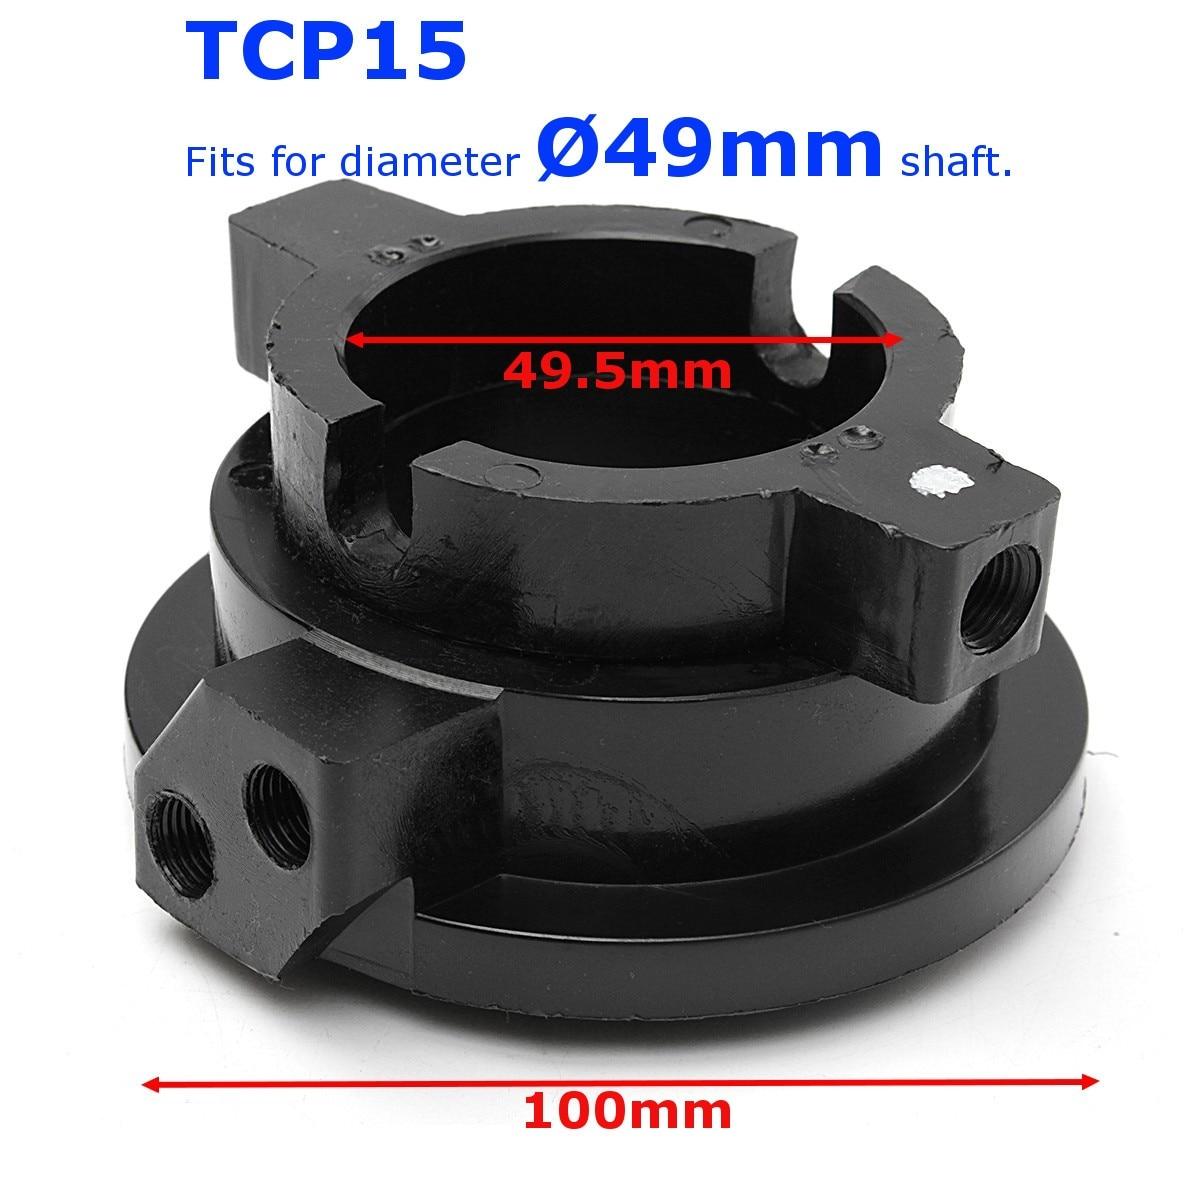 Araç araba lastik lastik değiştirici döner kuplör kaplin hava valfi TCP15